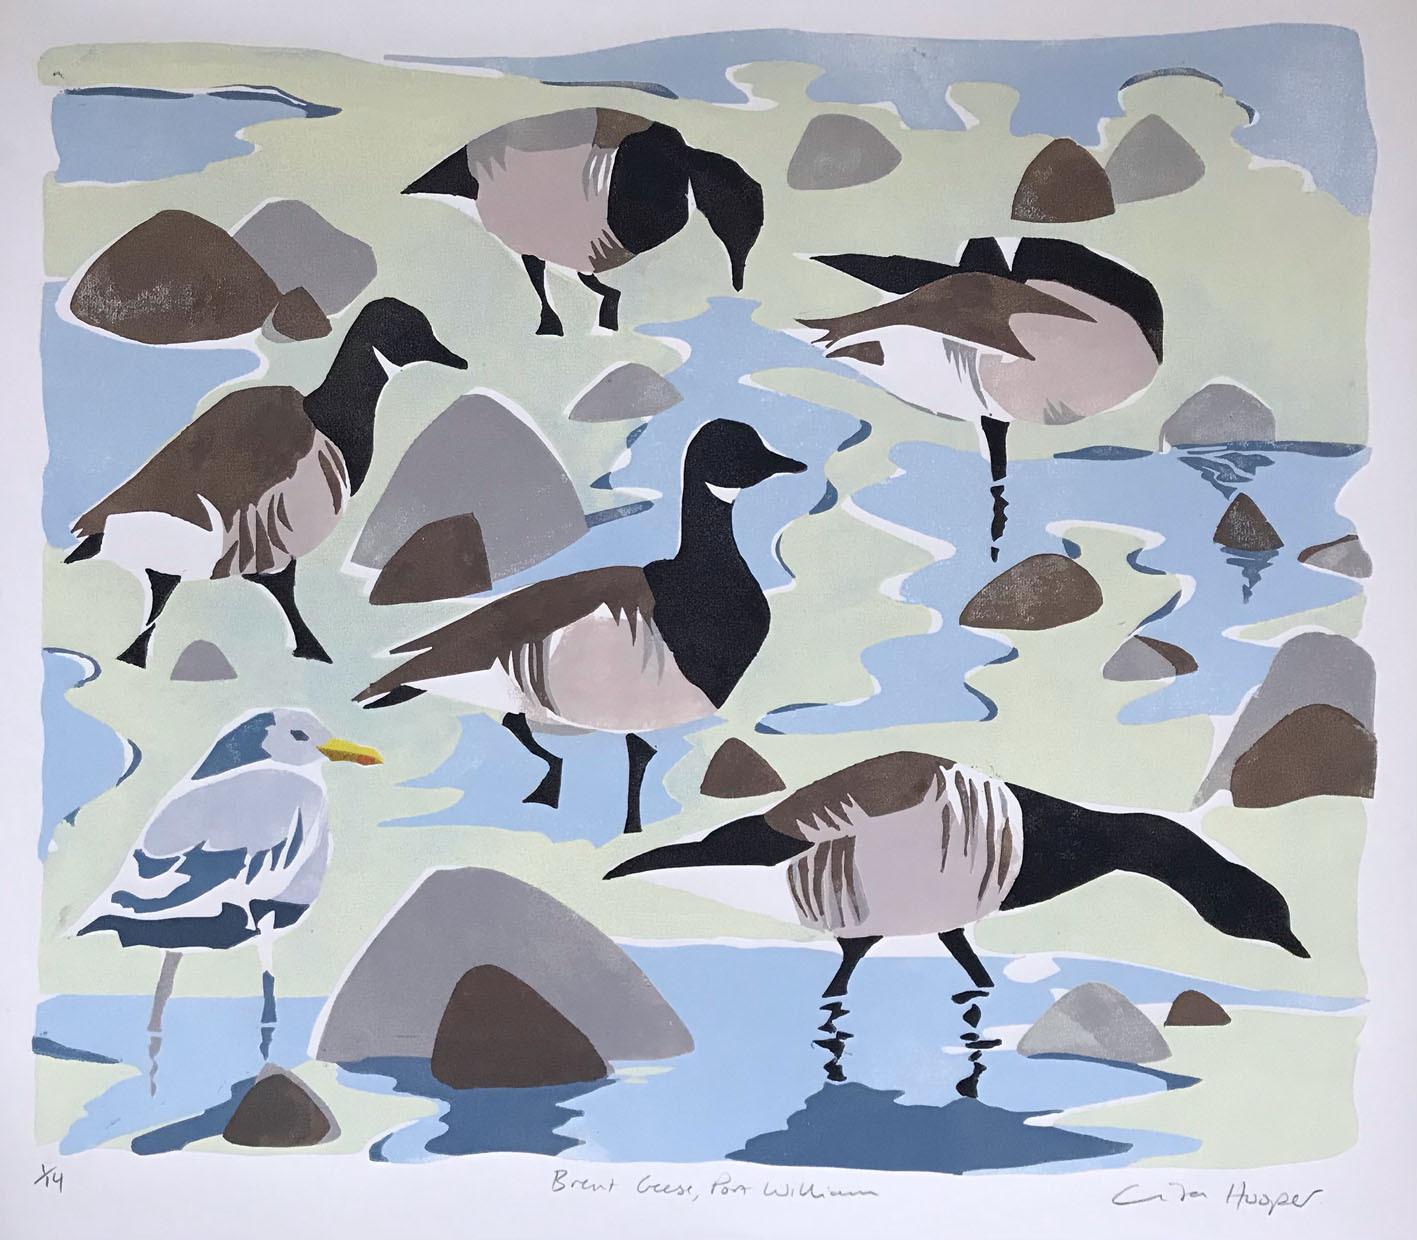 Lockdown Brent Geese, Port William, by Lisa Hooper